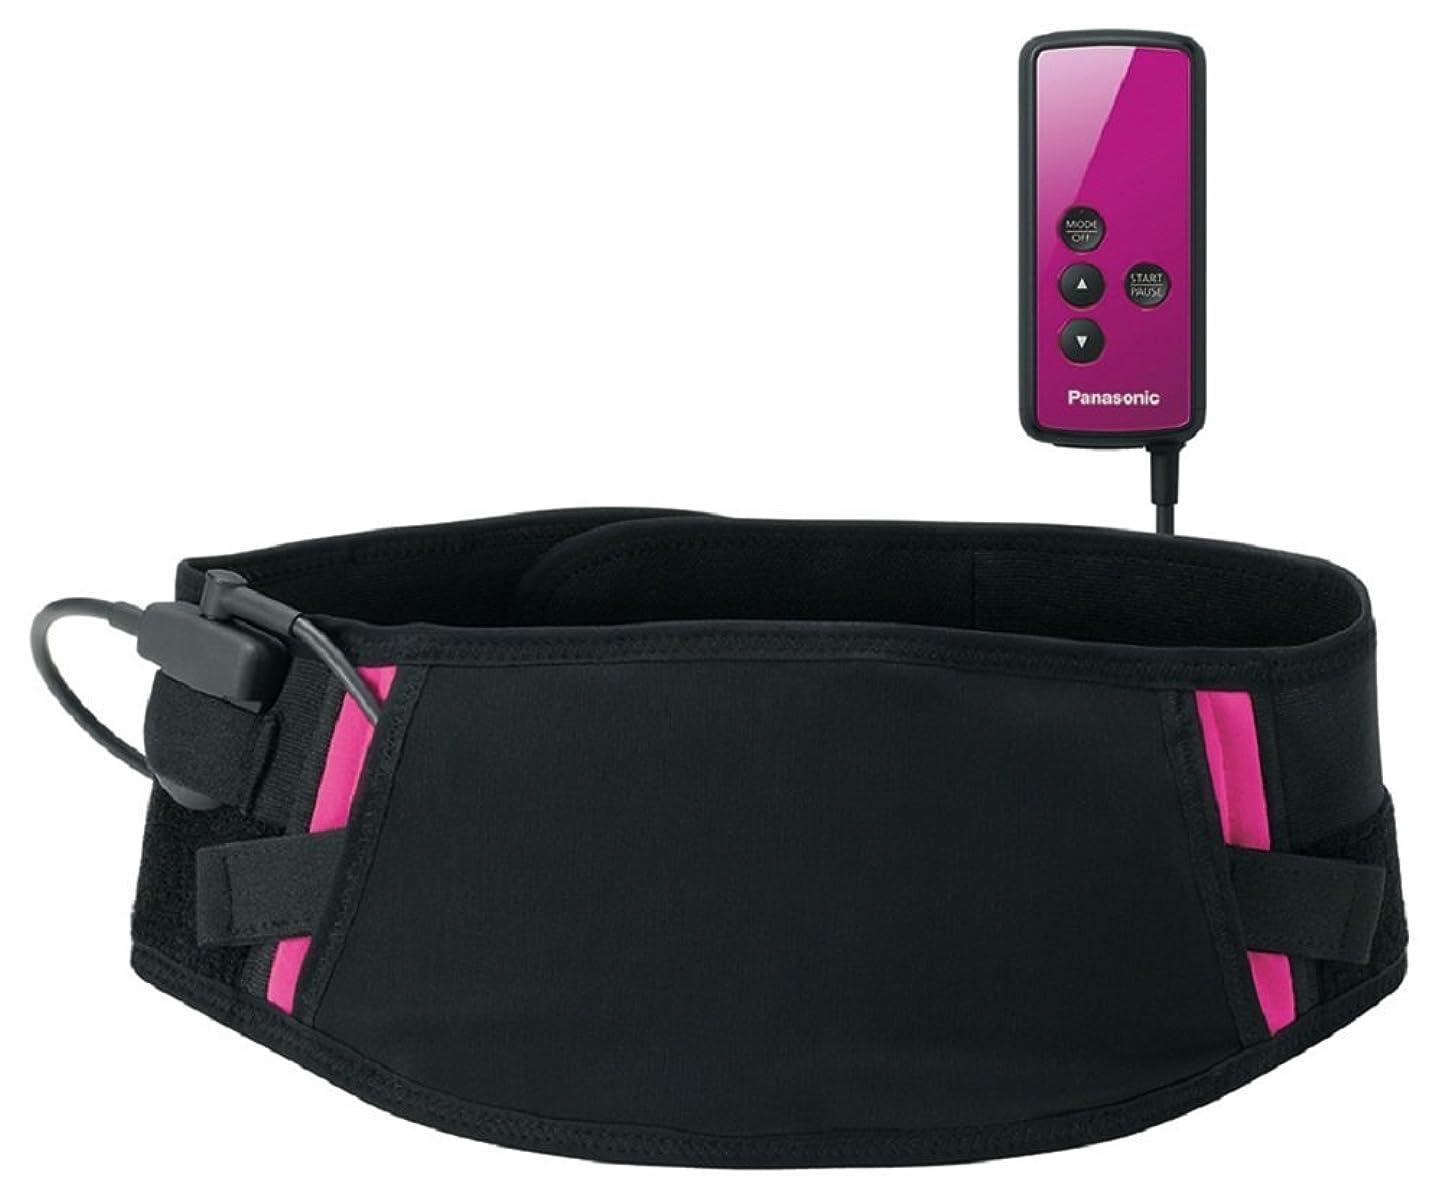 テレックス青写真解凍する、雪解け、霜解けパナソニック ビューティートレーニング ラン?ウォーク用ウエスト Sサイズ ピンク ES-WB60-PS